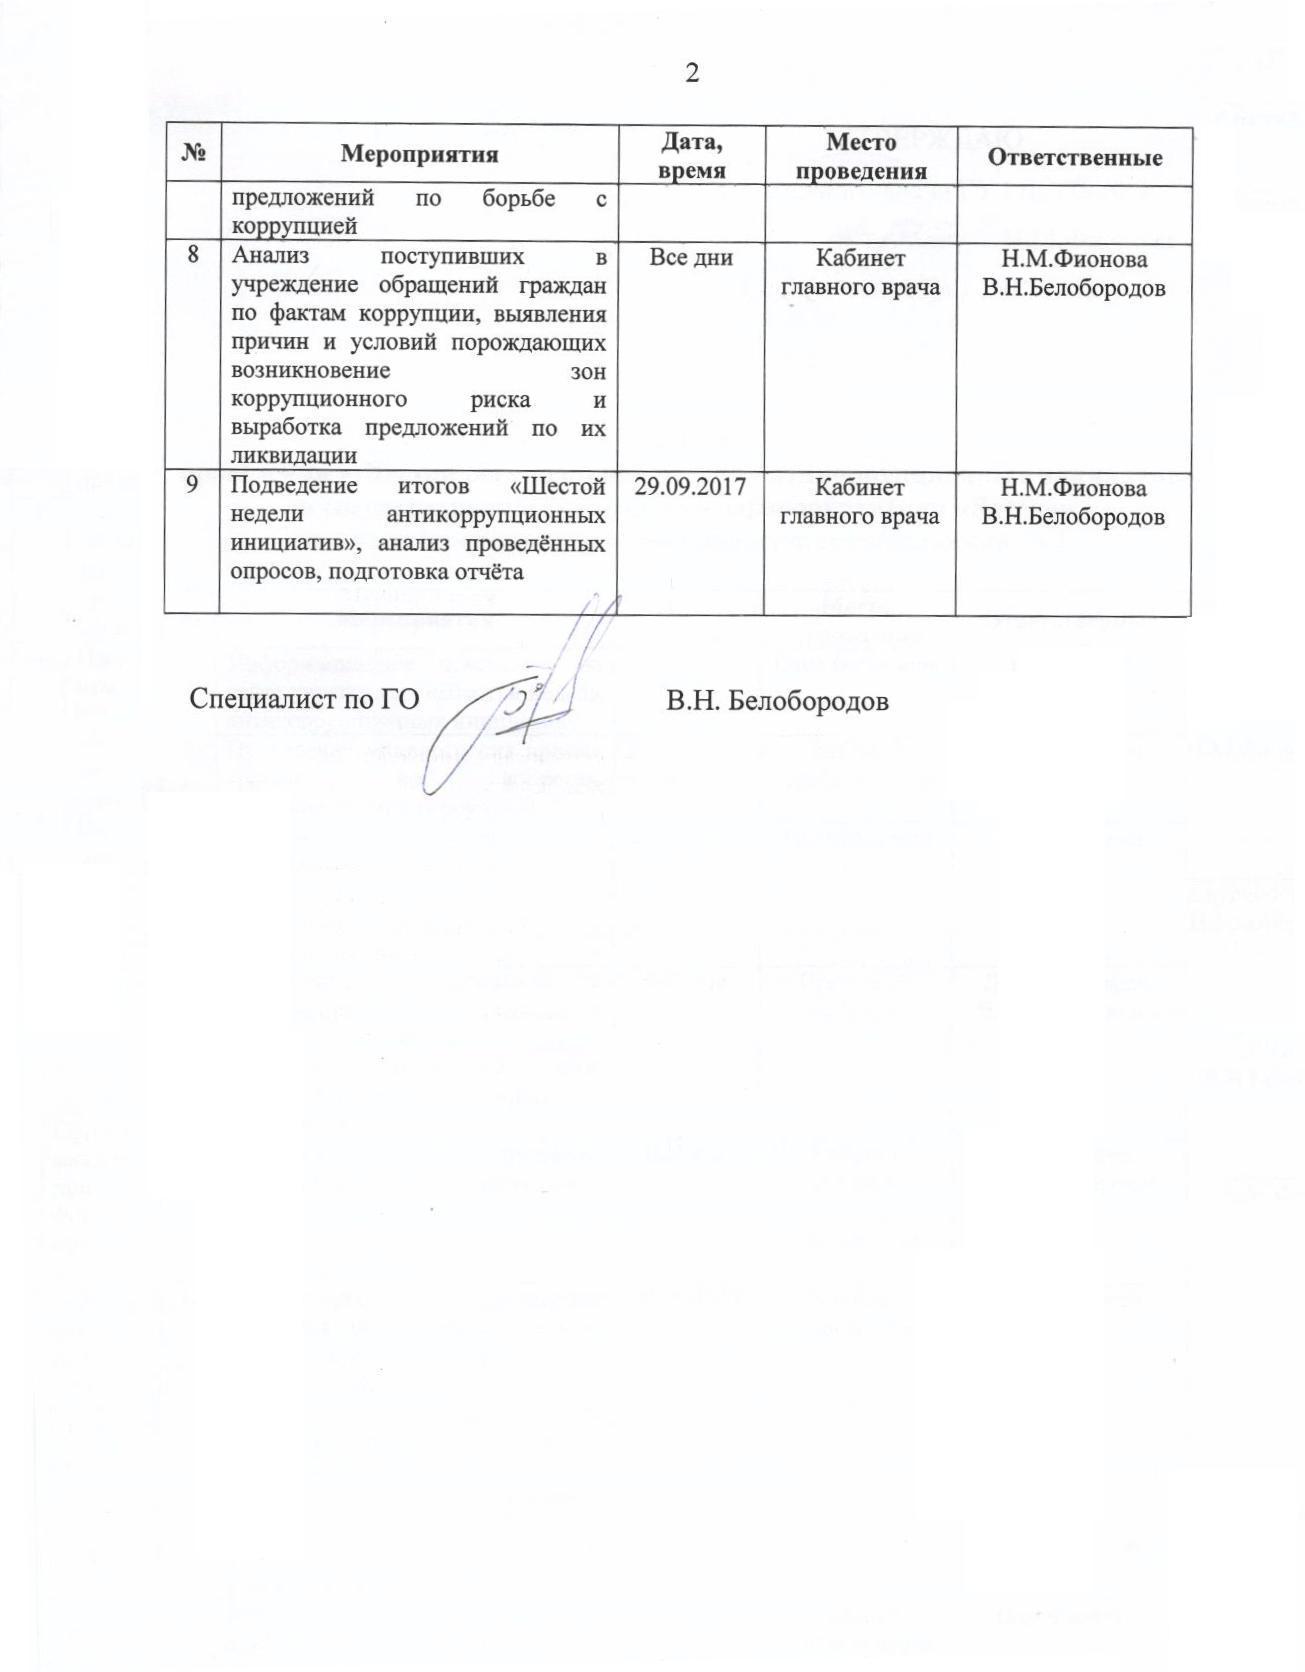 План проведения 6 недели антикоррупционных инициатив 001